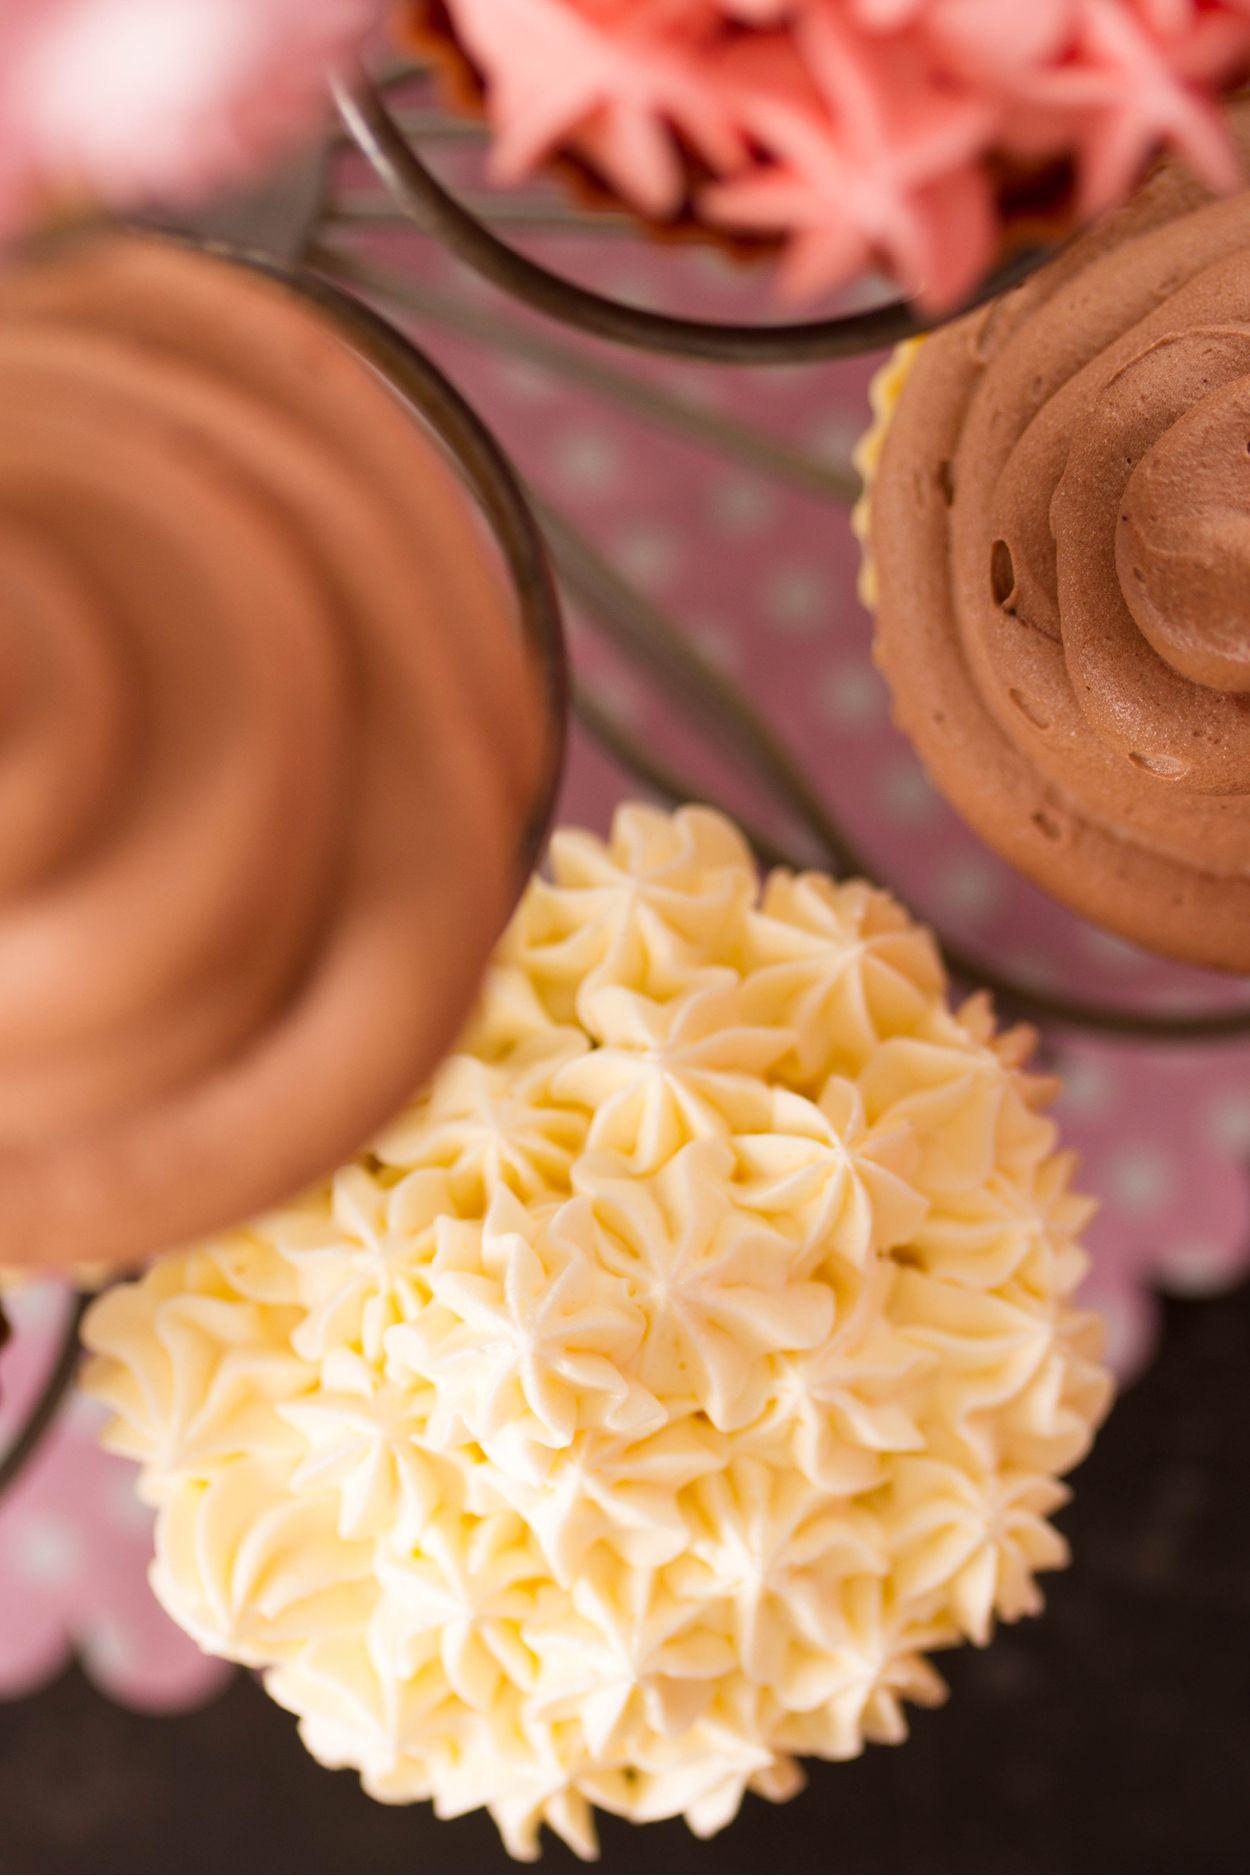 Receta de Toppings para decorar pasteles y cupcakes Merengue